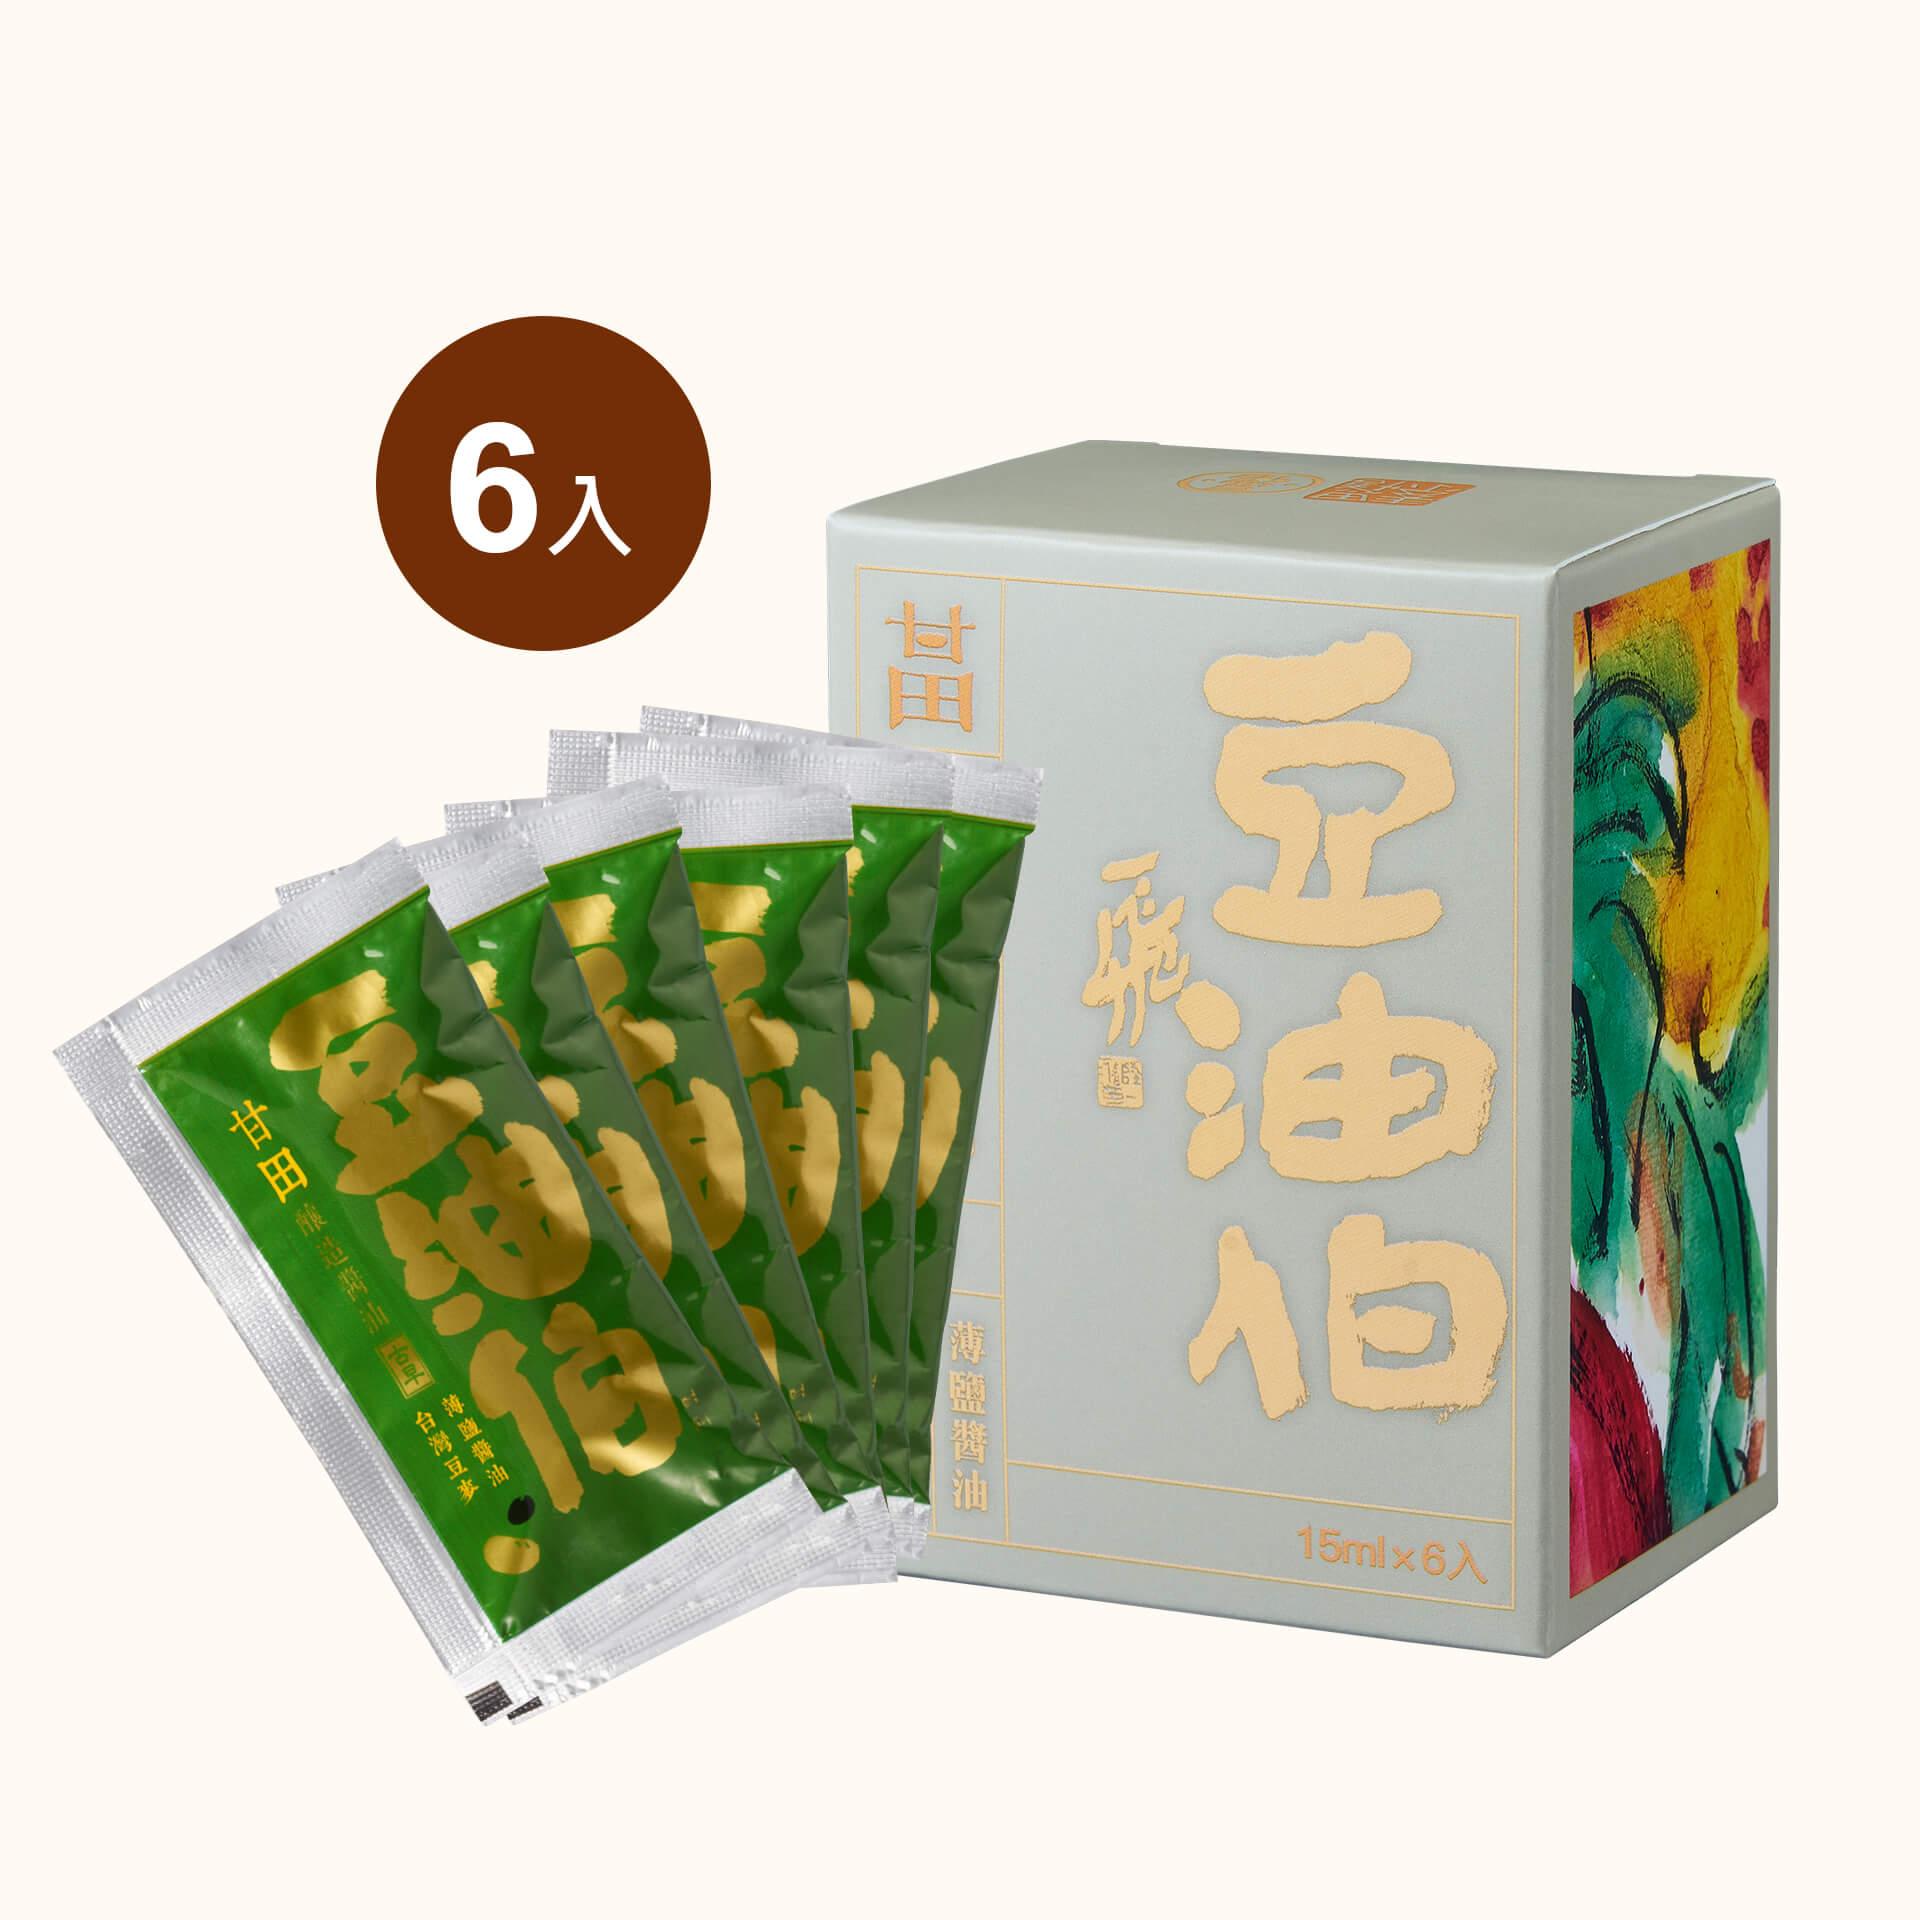 【加購】豆油伯甘田釀造醬油(6入隨身包)